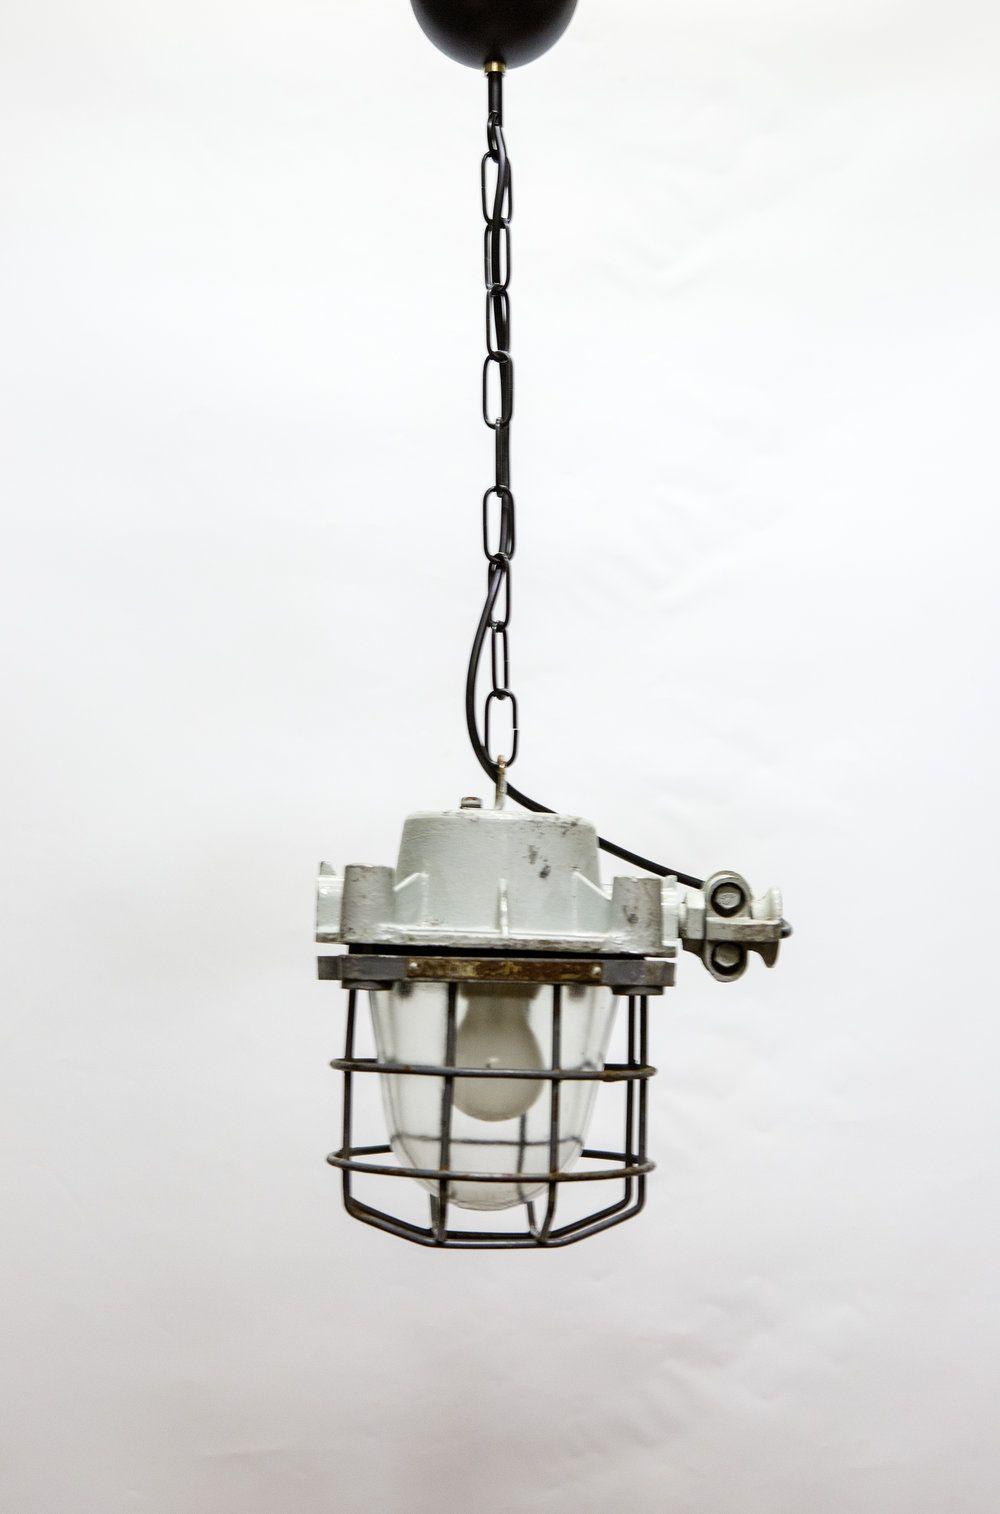 Stoere industriële kooilamp, grijs van kleur. Mooi robuust en beetje vierkant armatuur. De hoogte kun je vrij eenvoudig aanpassen, door wat schakels te verwijderen / toe te voegen.